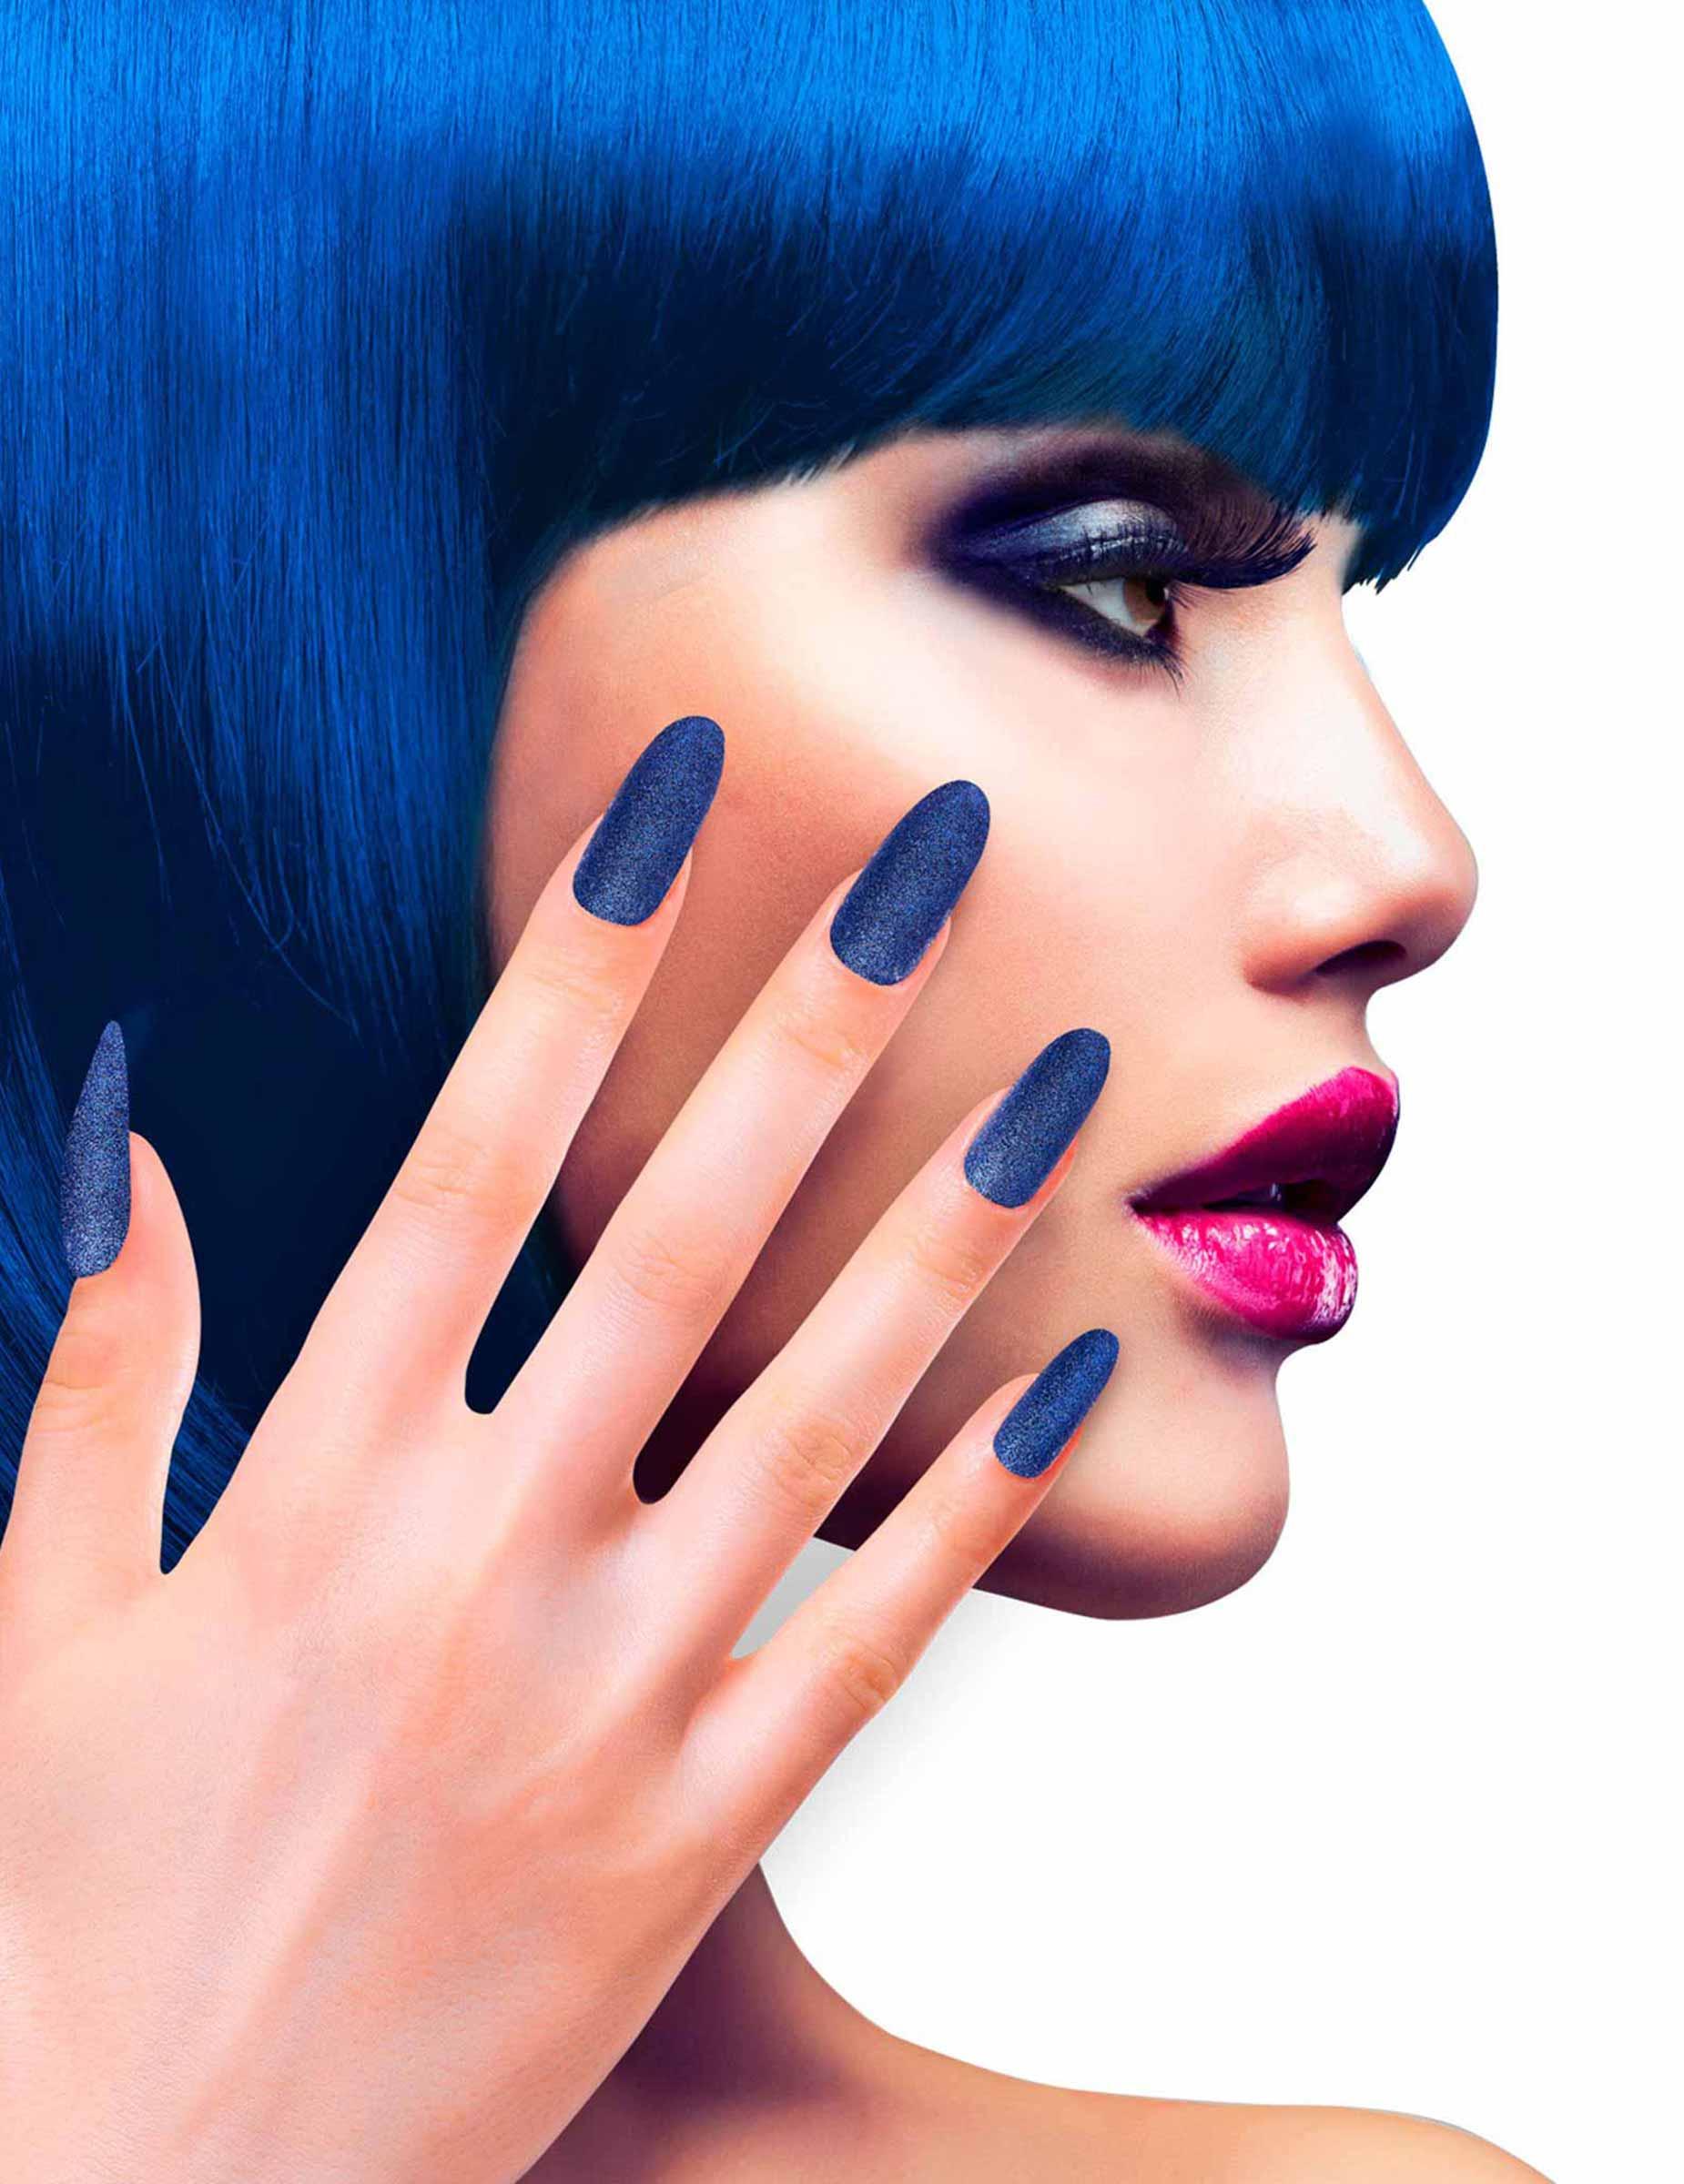 Kunstliche Glitzer Fingernagel Mit Klebstoff Blau Schminke Und